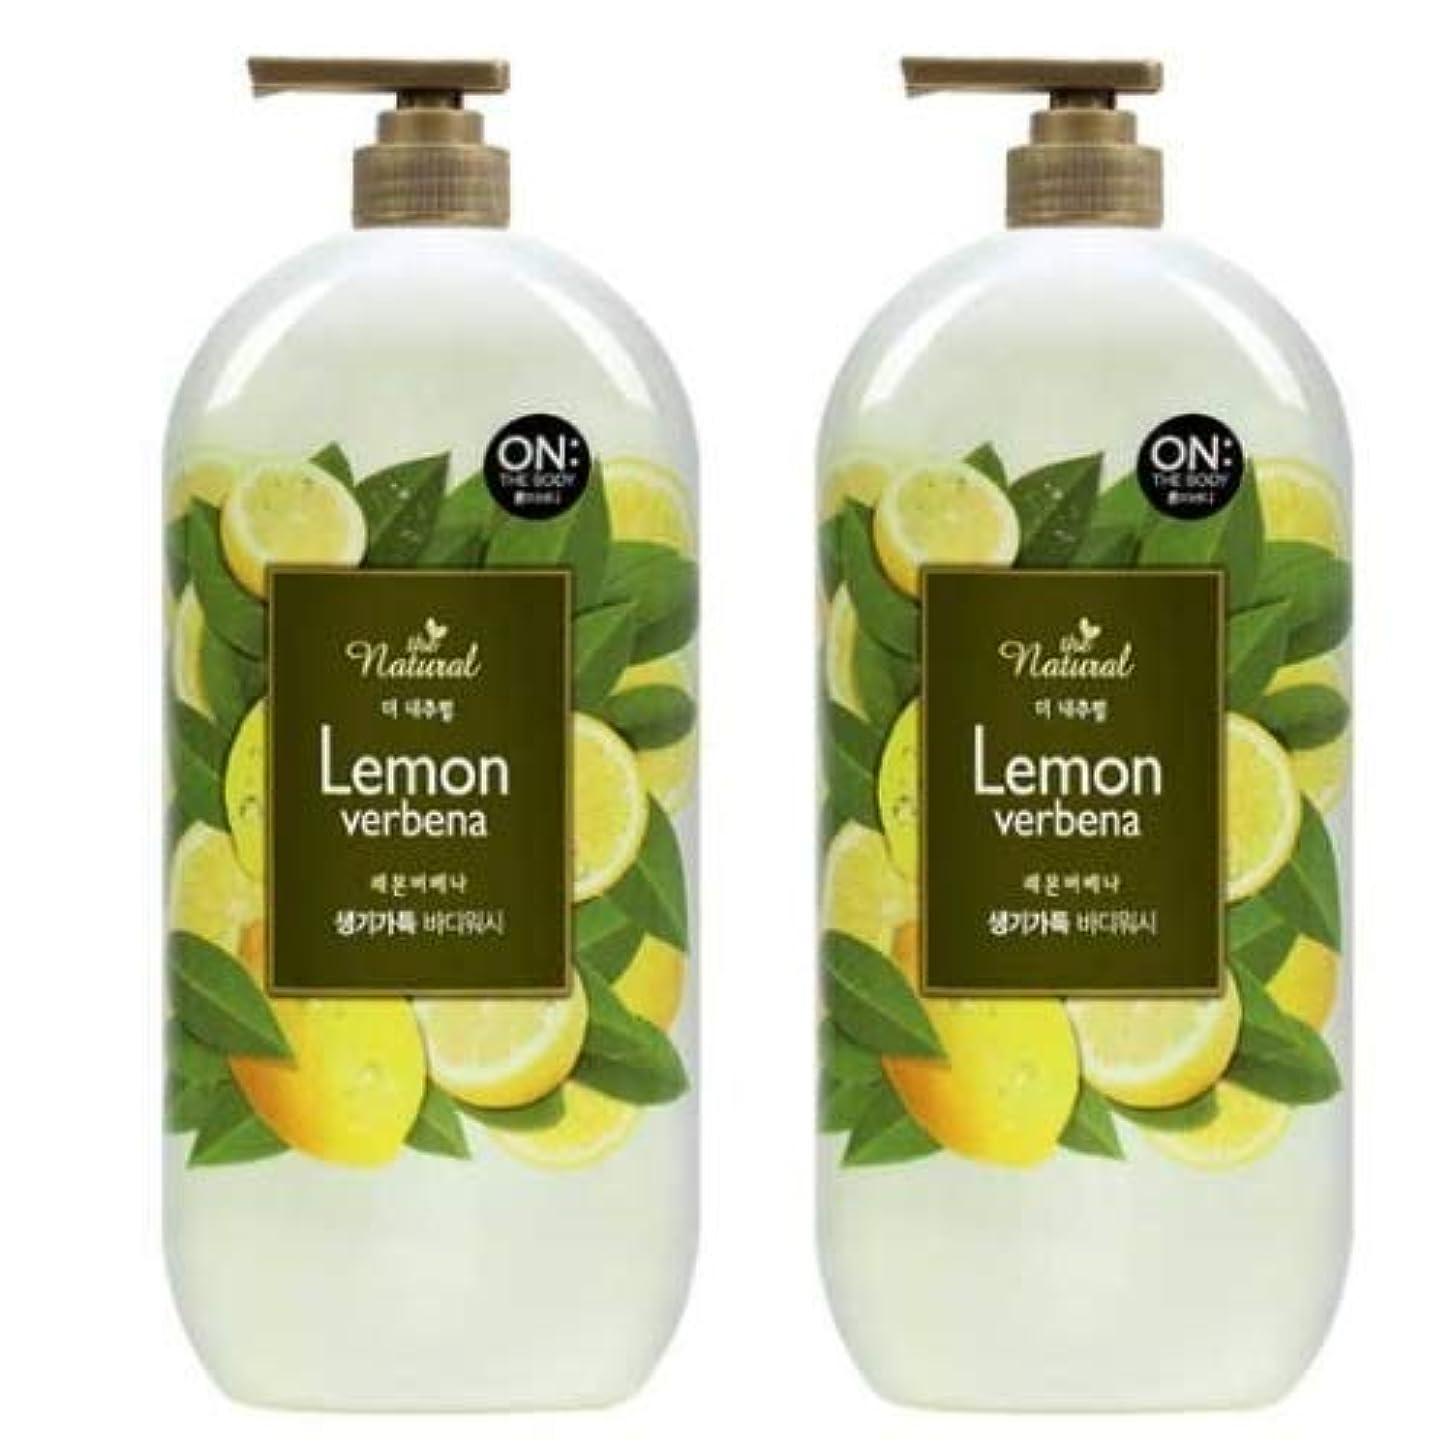 りんご収入当社[LG HnB] On the Body The Natural Body Wash / オンザボディよりナチュラルウォッシュ900gx2個(海外直送品)